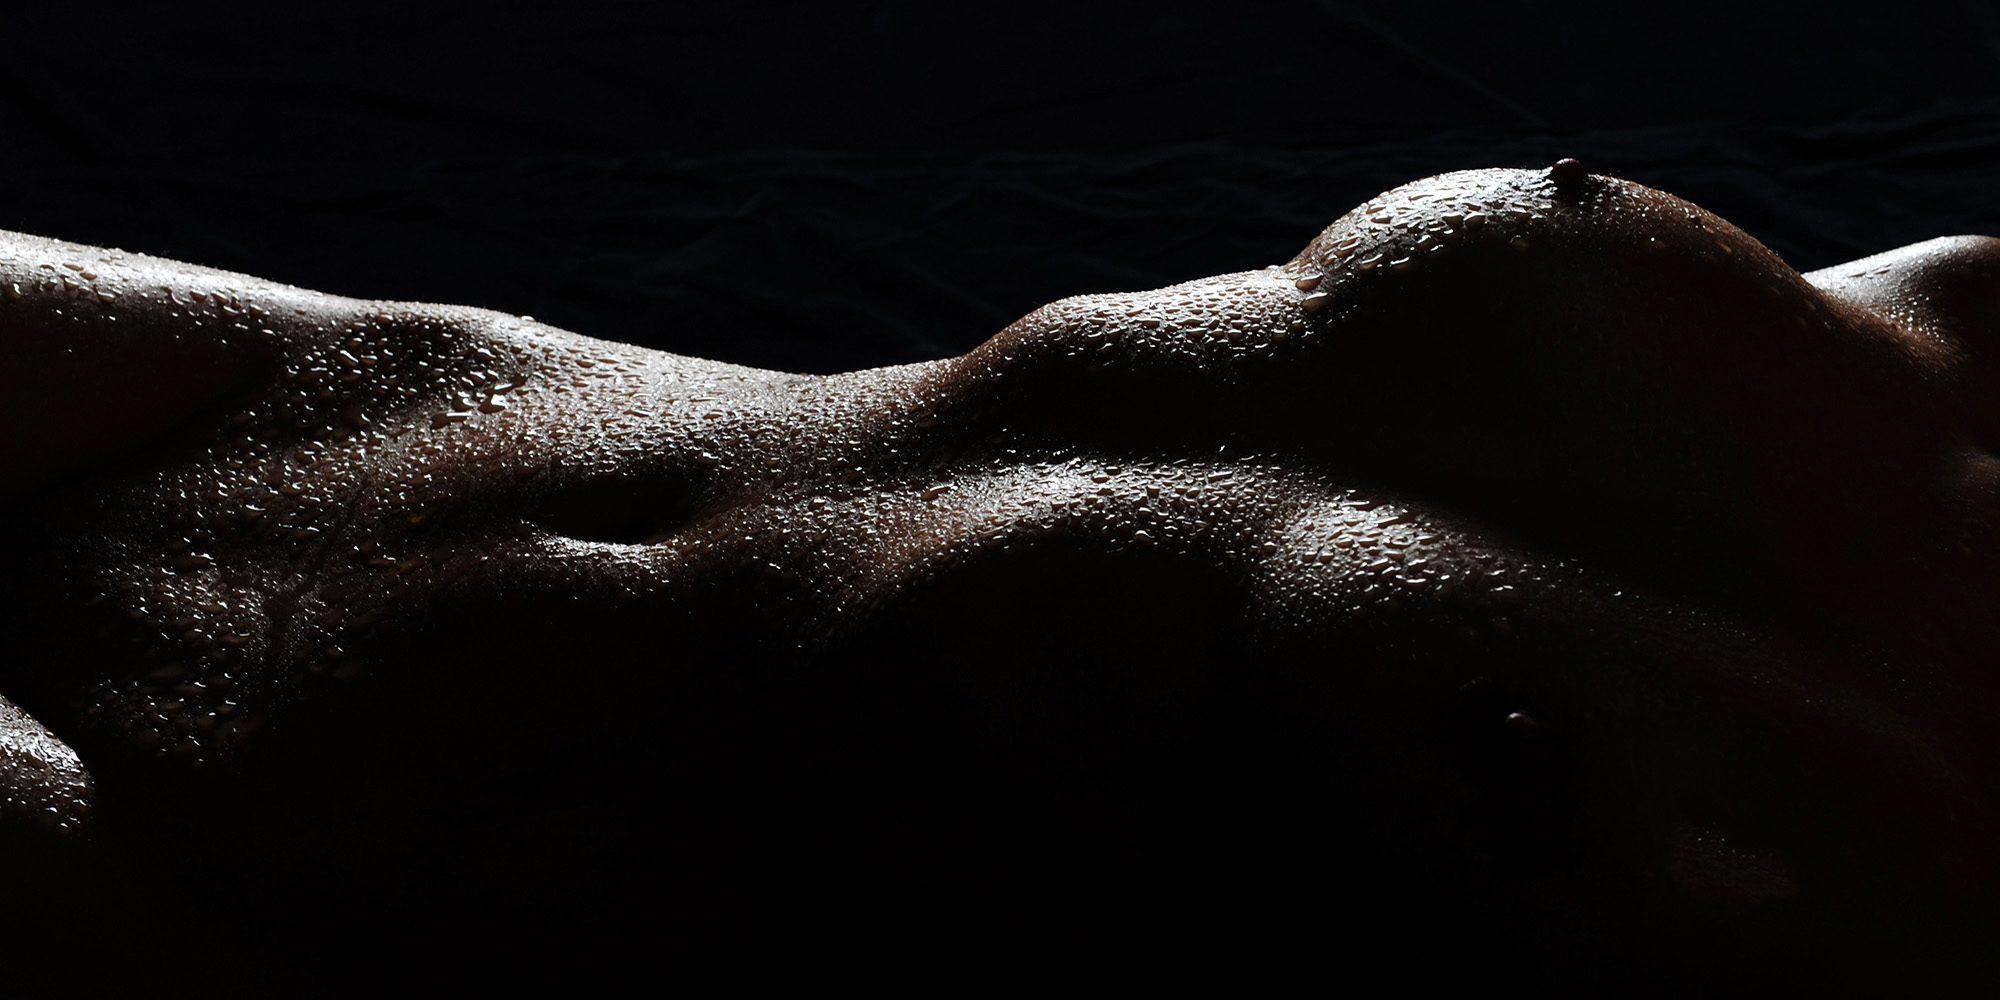 Aktfotografie mit Wassertropfen - Aktfotoshooting Wet+Sexy im Fotostudio Zerbes in Köln